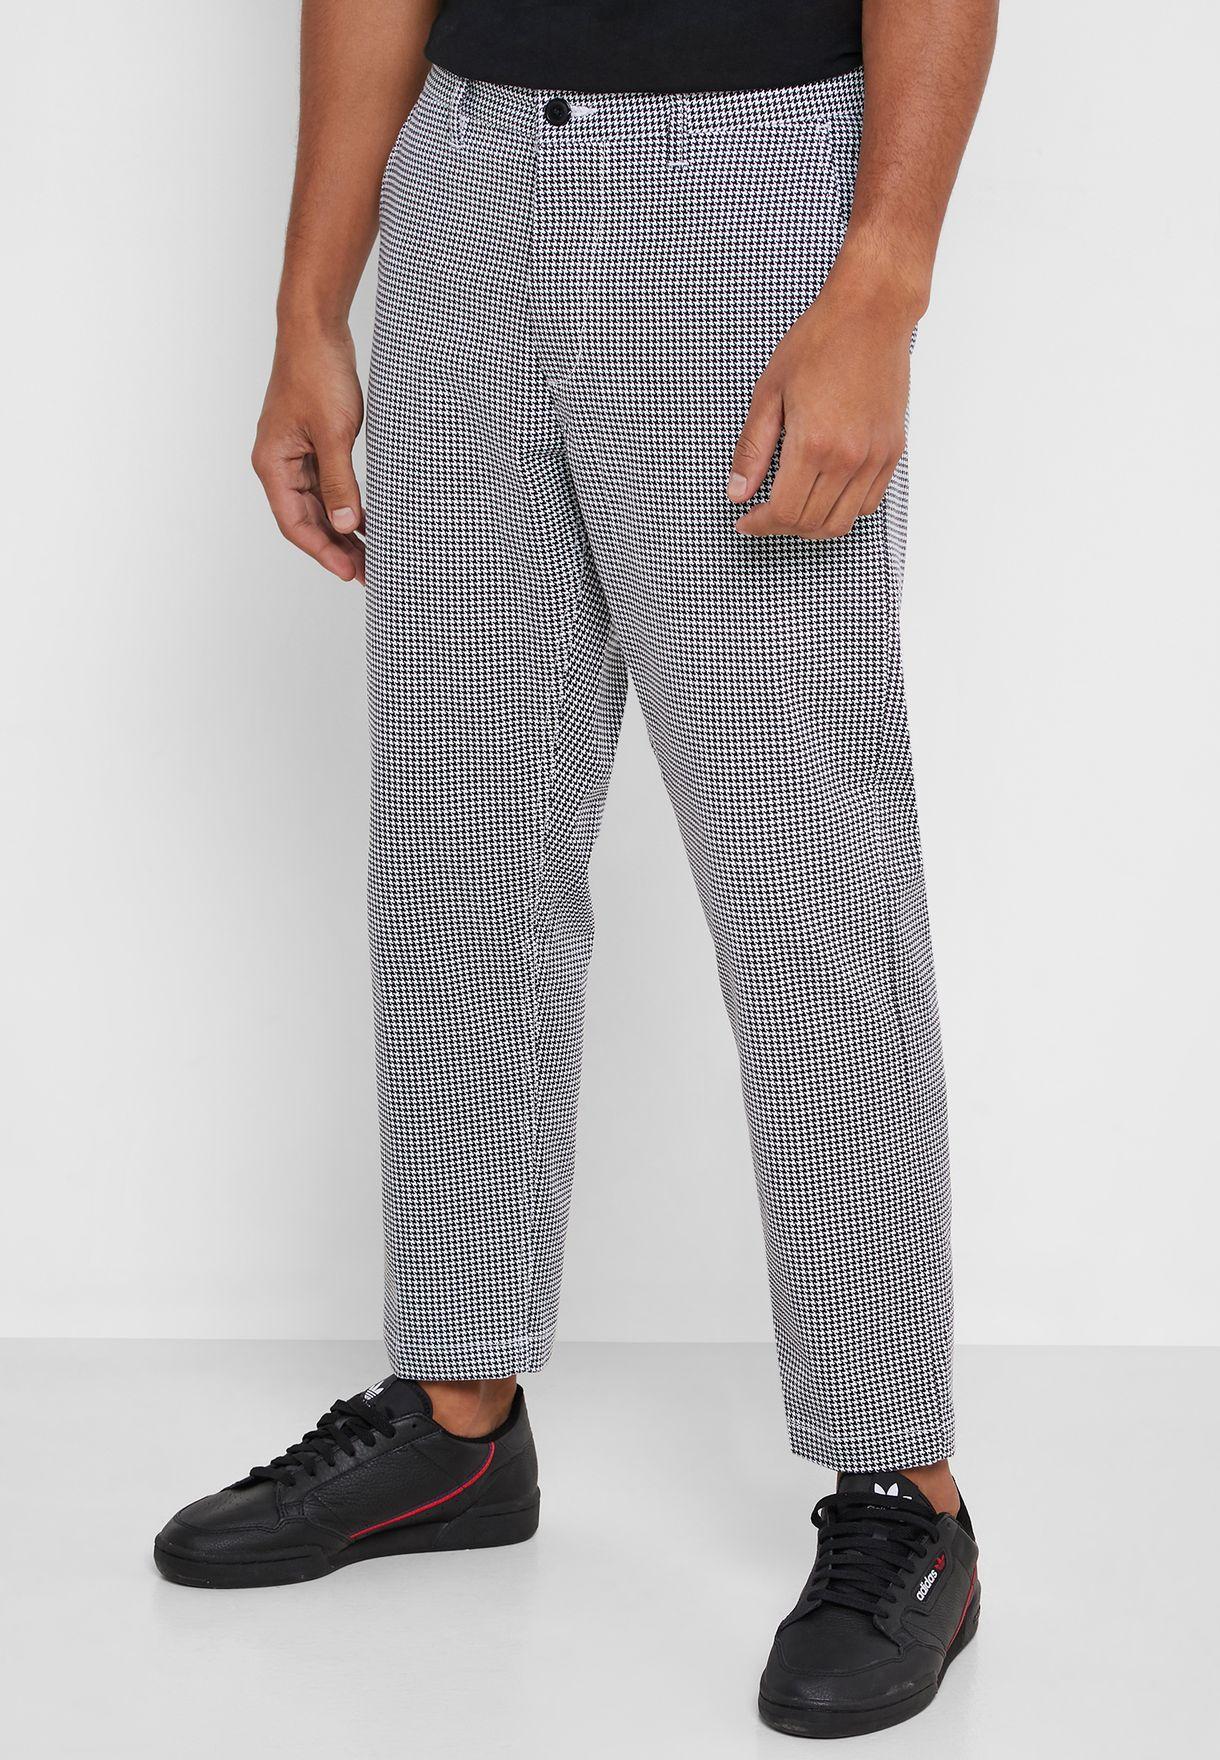 Straggler Houndstooth Pants